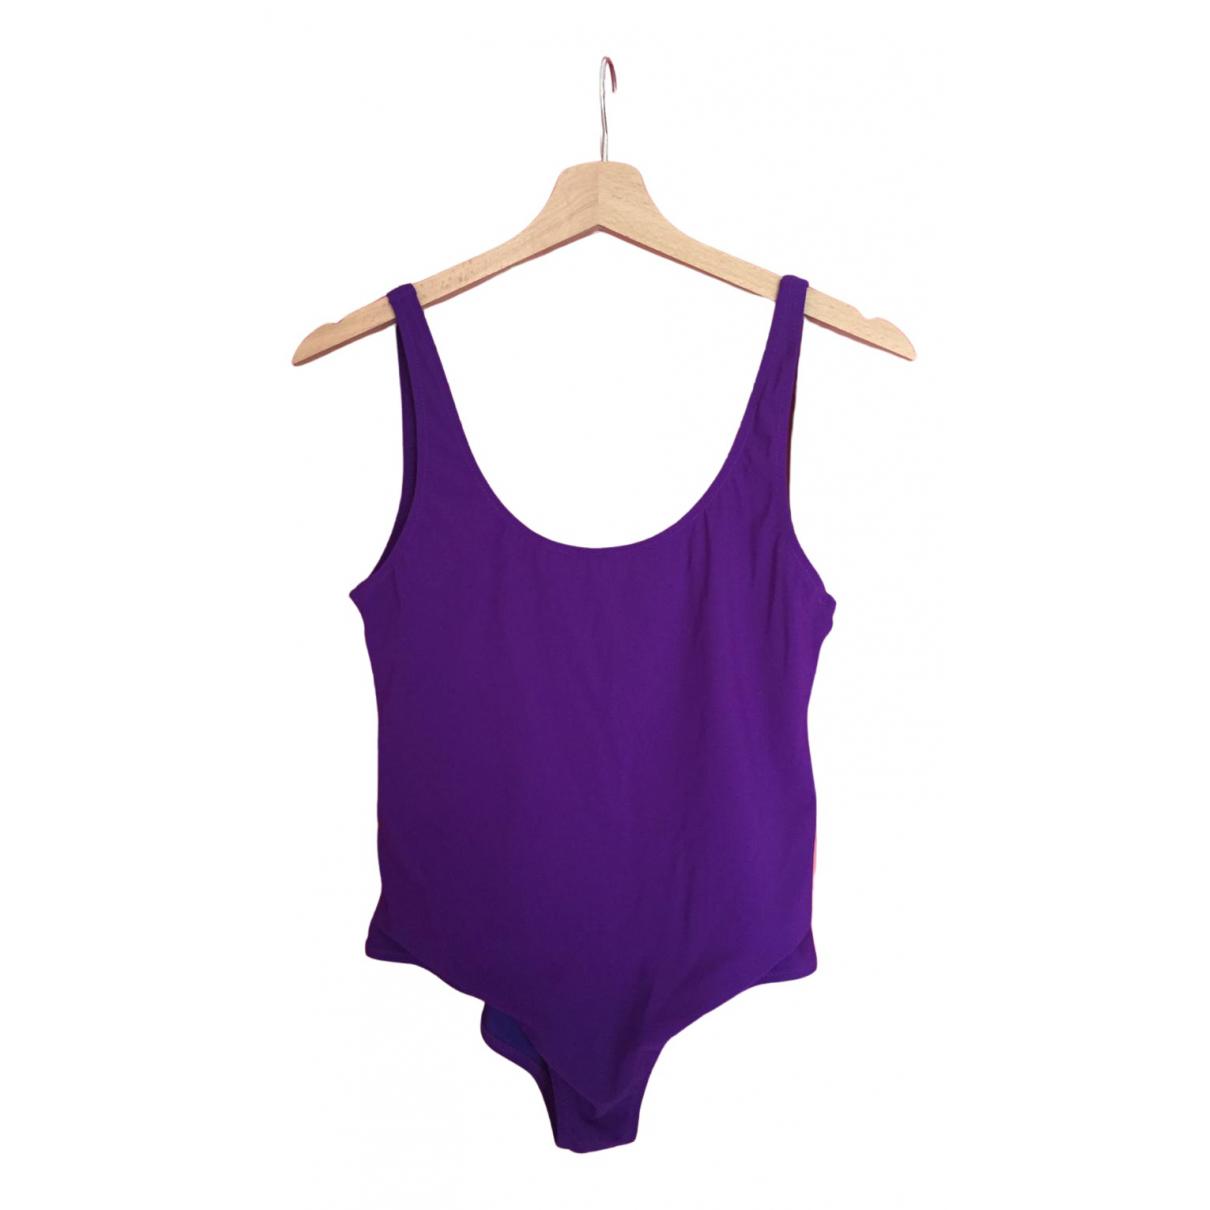 Lido - Bain   pour femme en lycra - violet